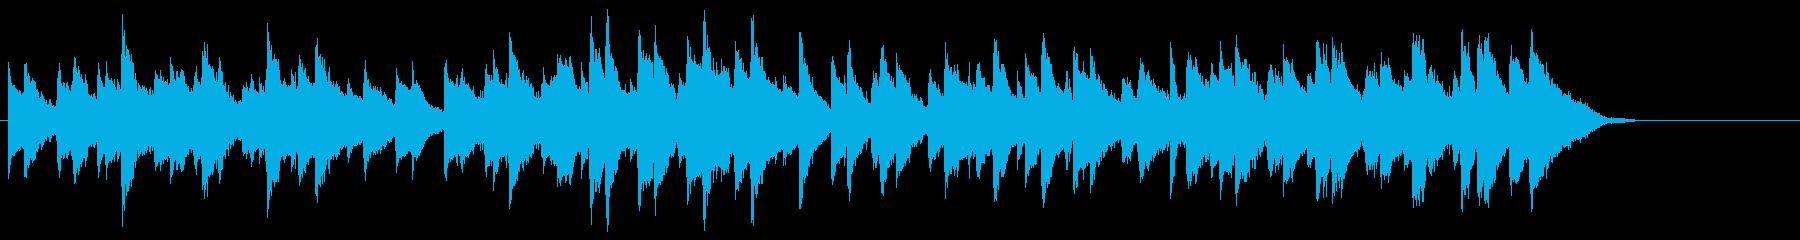 ペリの女王(オーベール作曲)の再生済みの波形